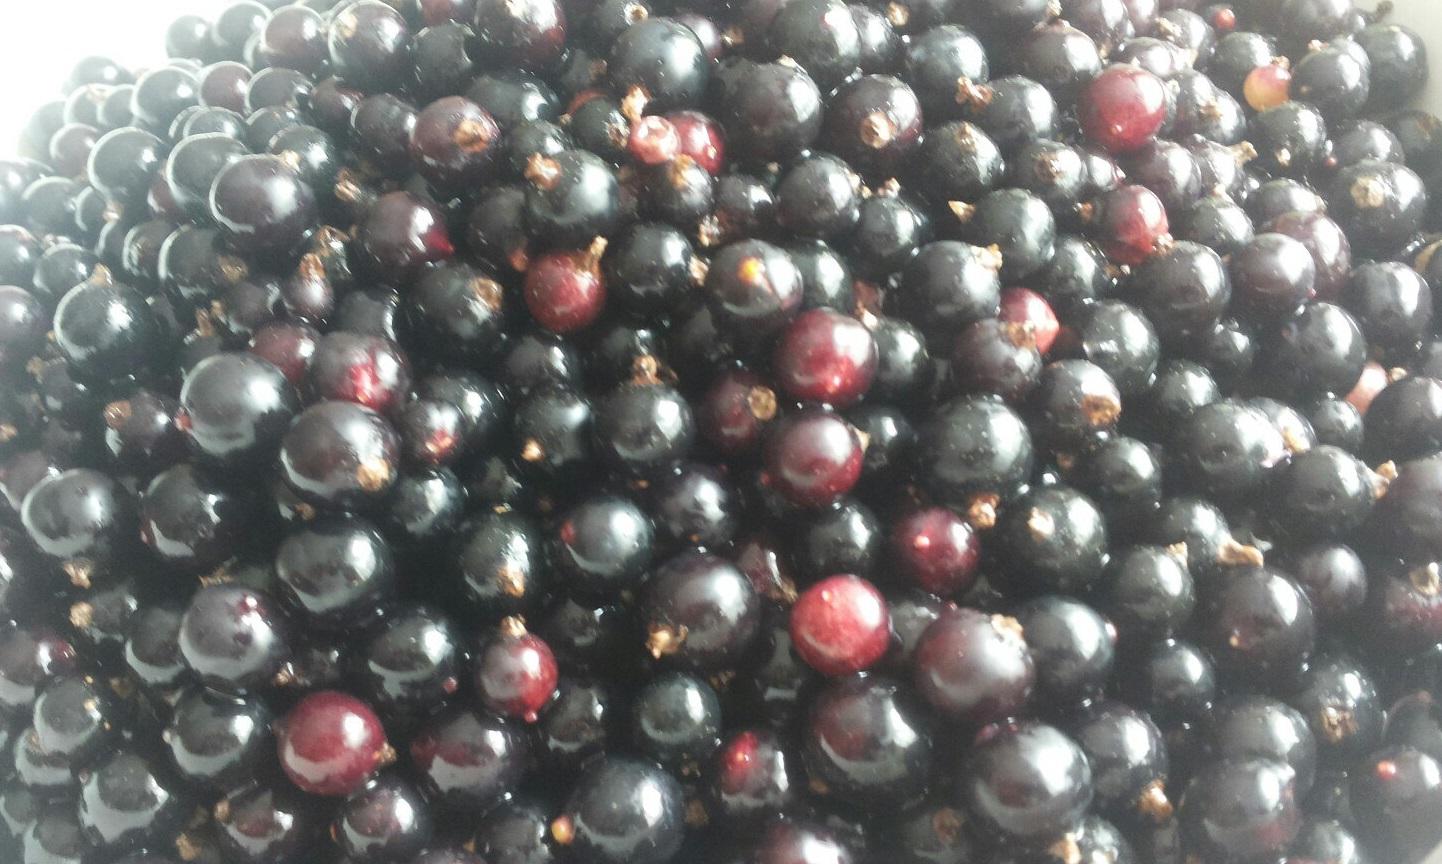 Польза почек черной смородины, Польза листьев черной смородины, Лечебные свойства, Польза ягод черной смородины, Вред ягод черной смородины.